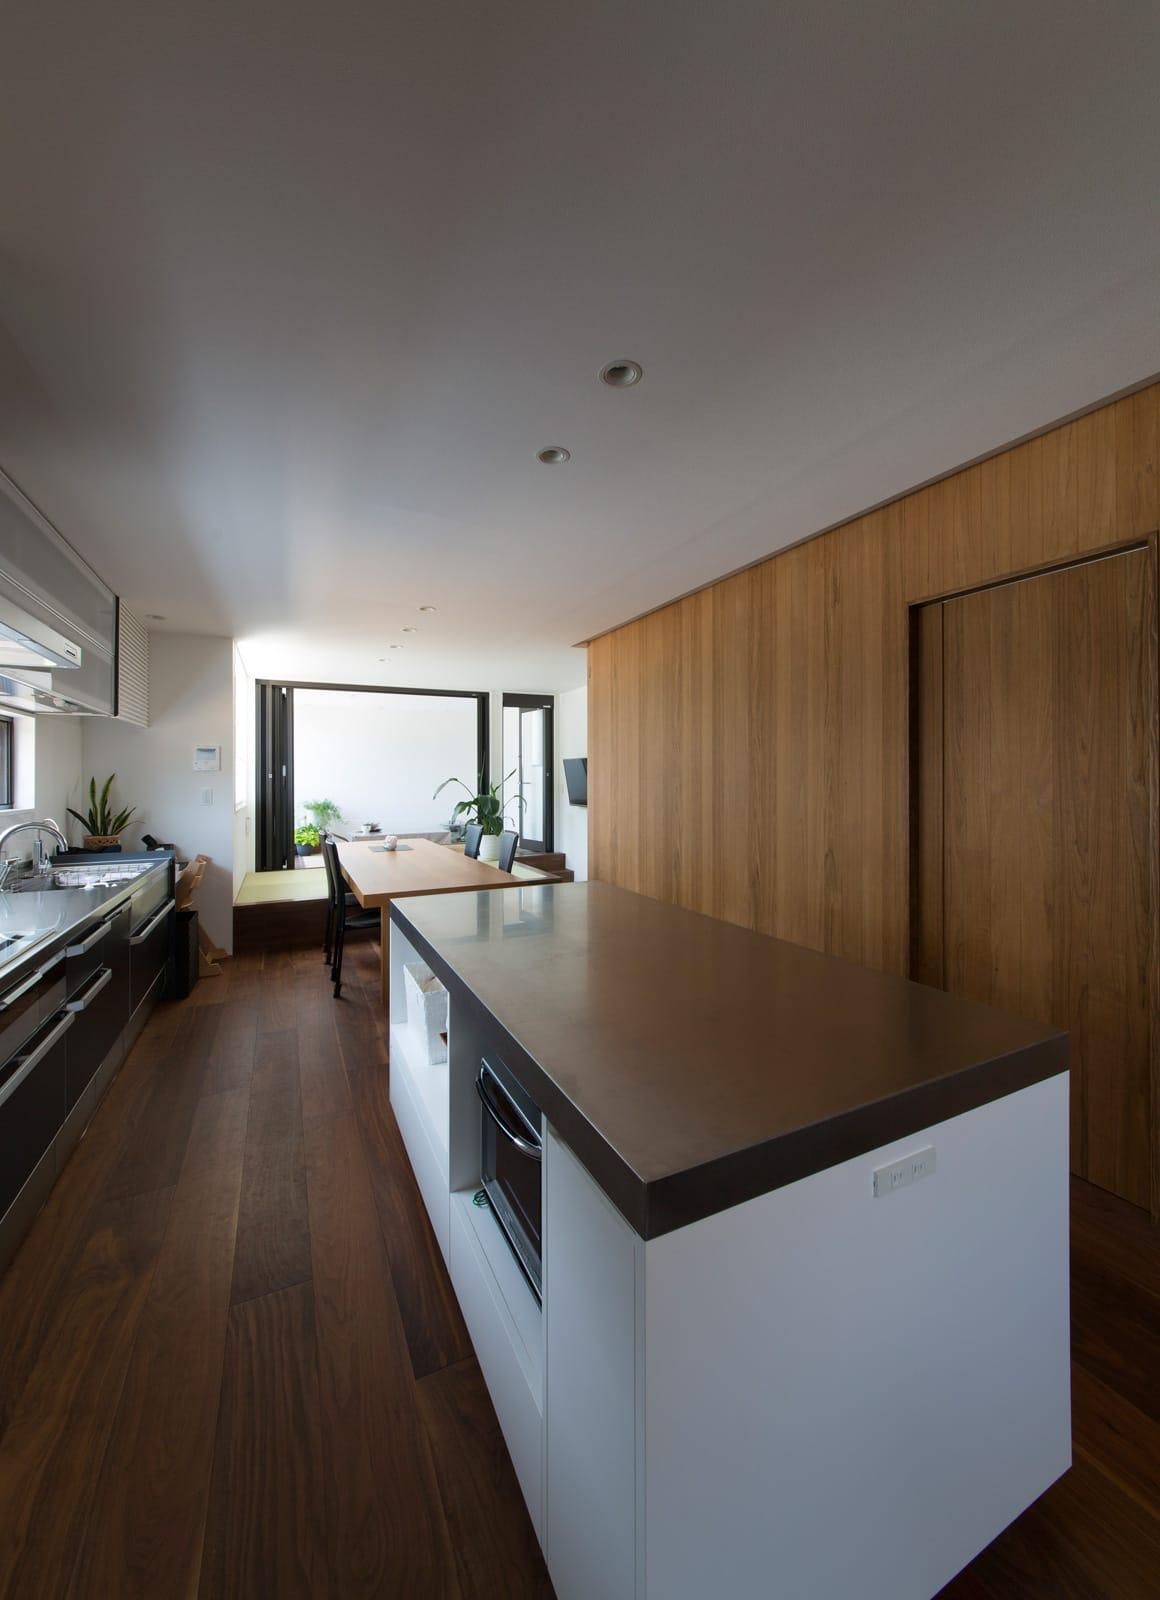 アウトドアダイニングのある家の収納(キッチン)1